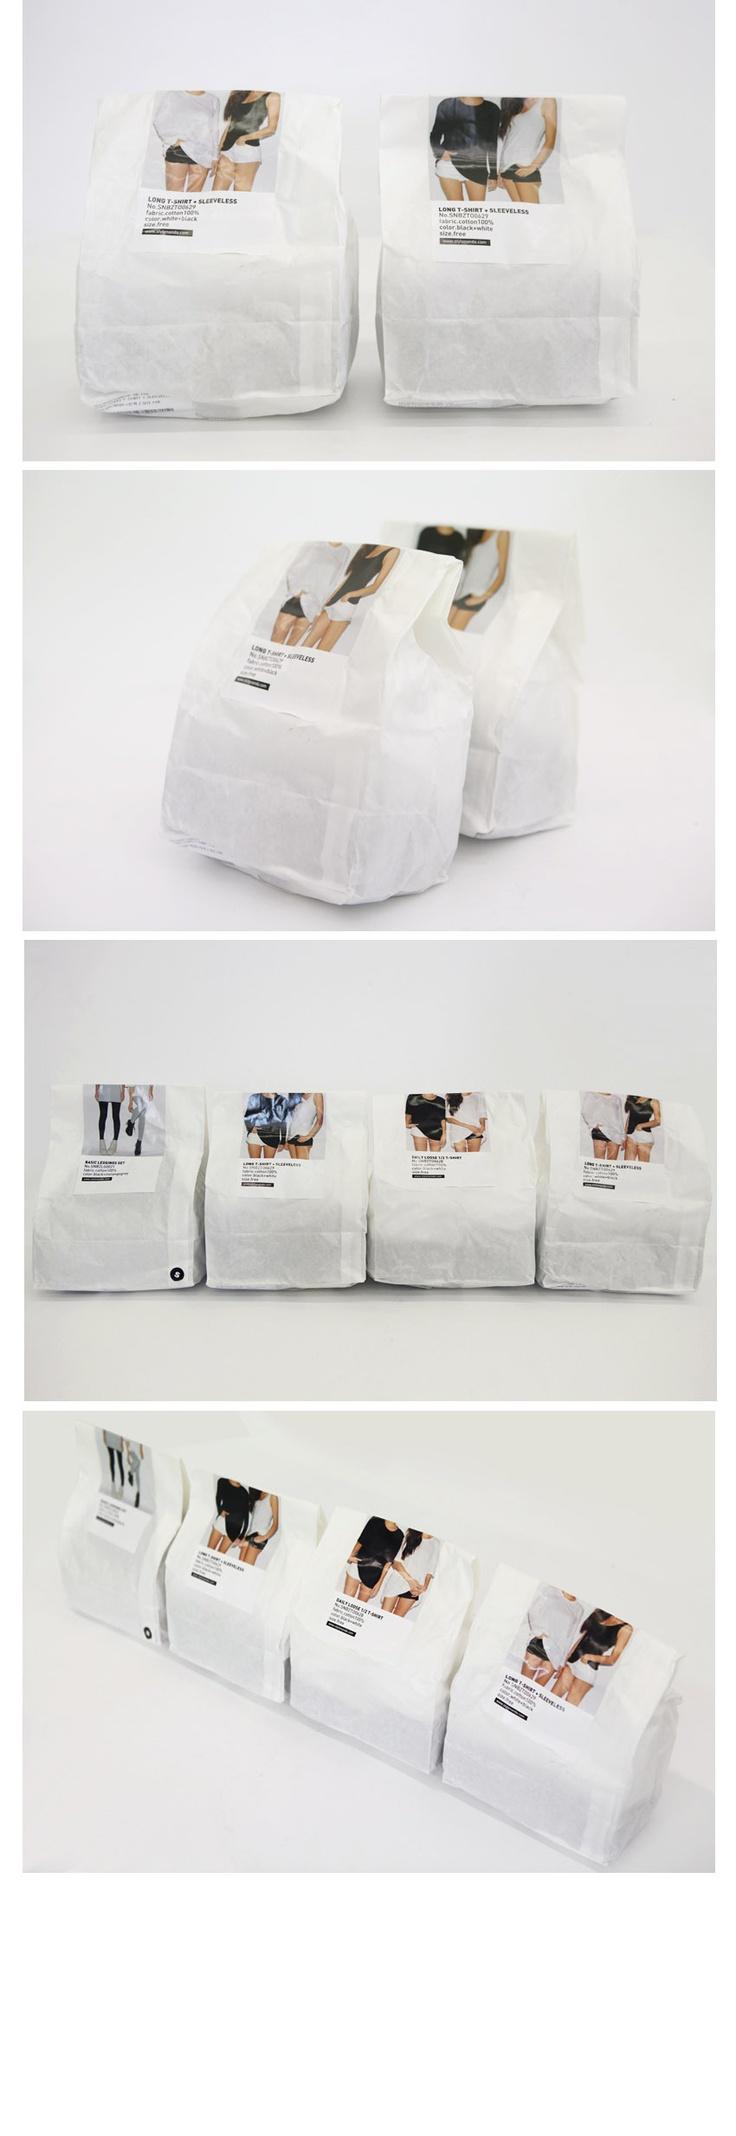 하루도 잊을수없어요!! 당신의 스타일난다!! ^^ Interesting #underwear #packaging